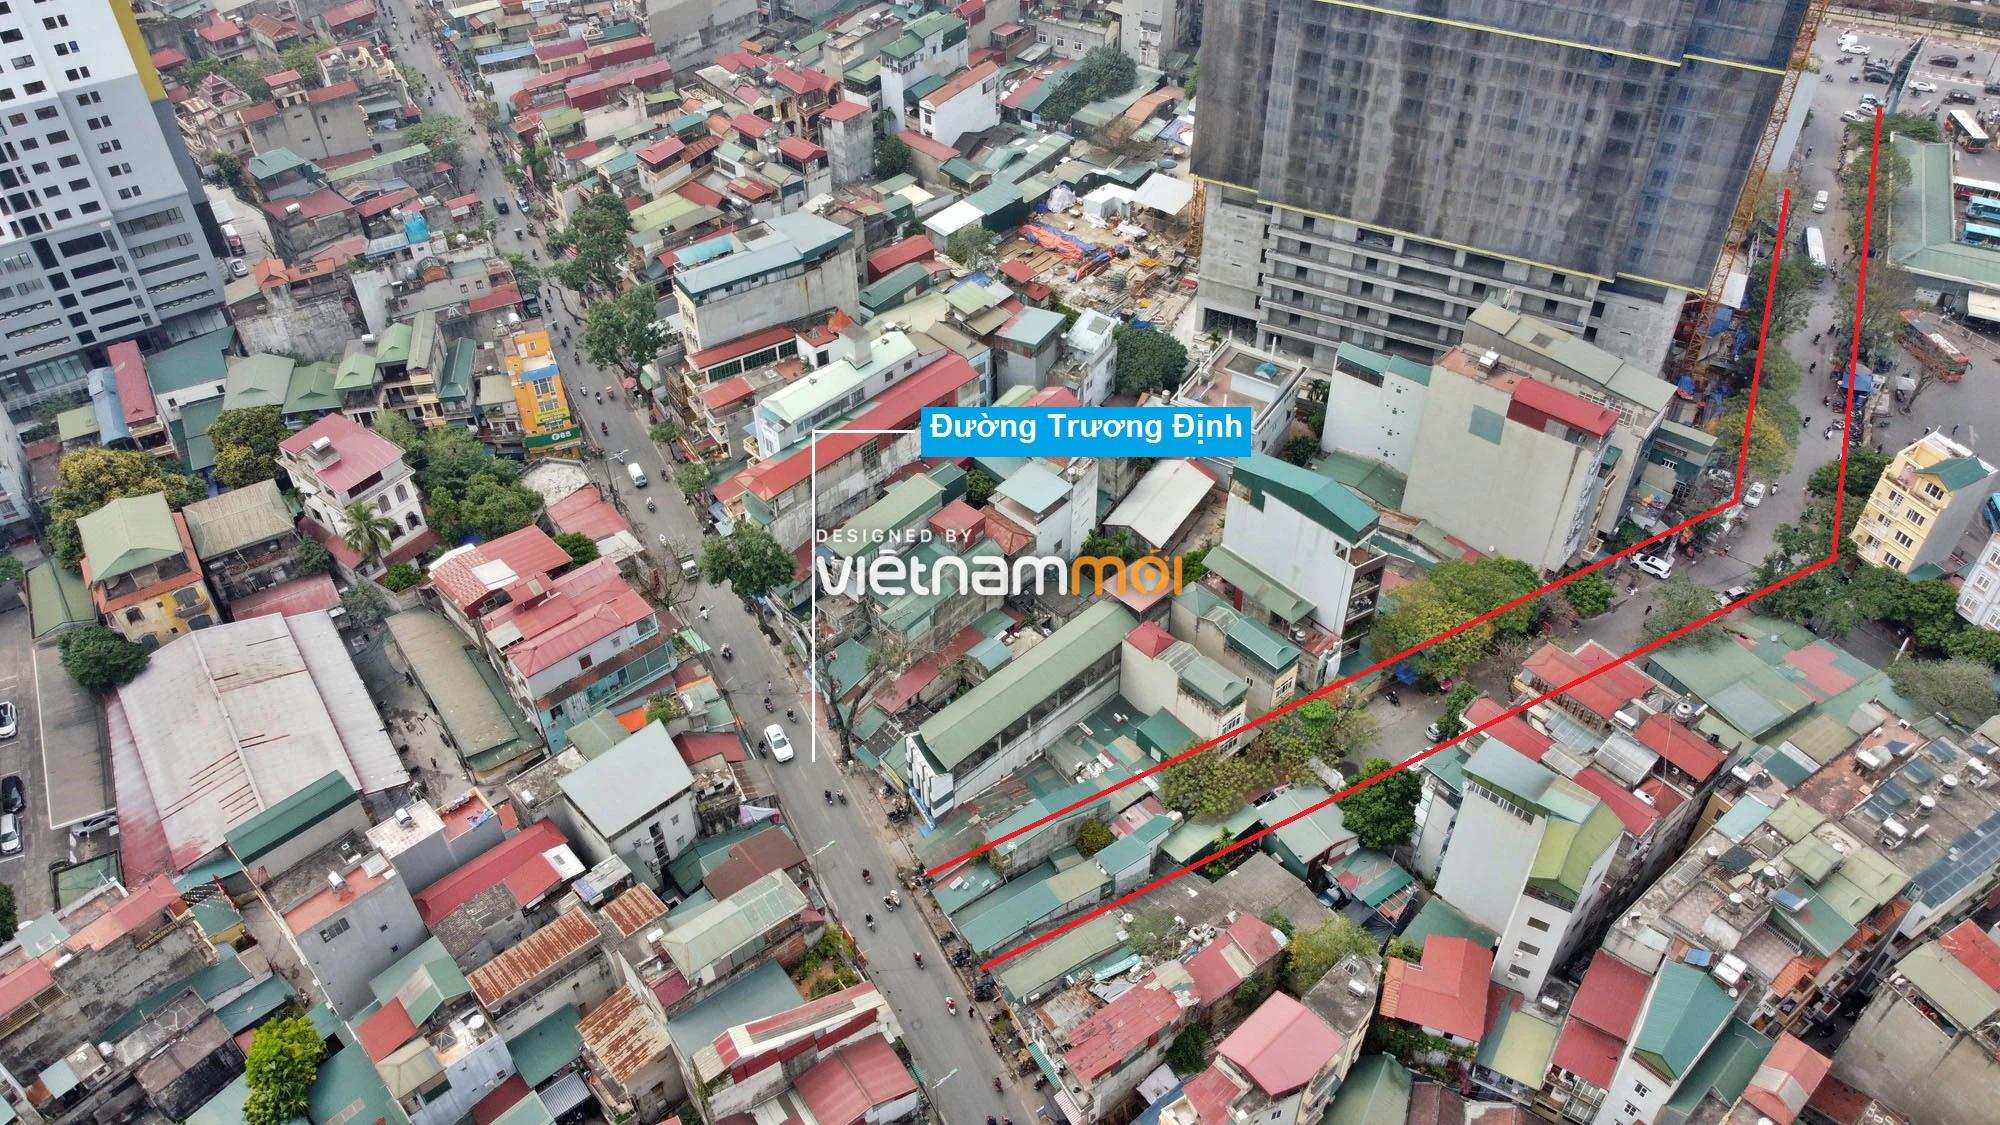 Đường sẽ mở theo quy hoạch ở phường Giáp Bát, Hoàng Mai, Hà Nội (phần 2) - Ảnh 5.